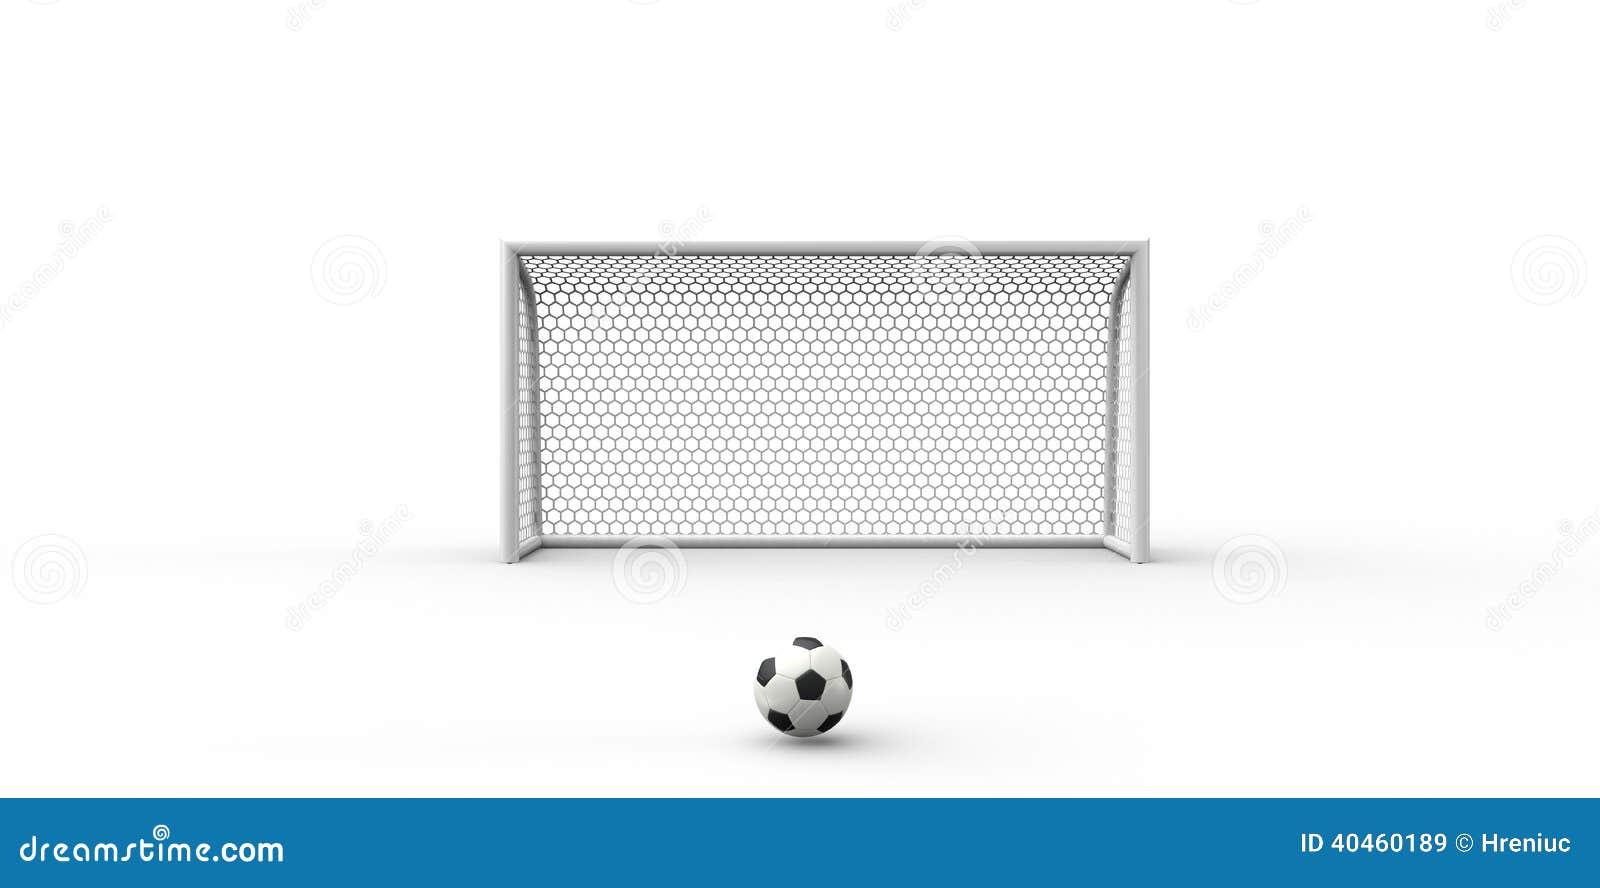 Black And White Soccer Goals 62